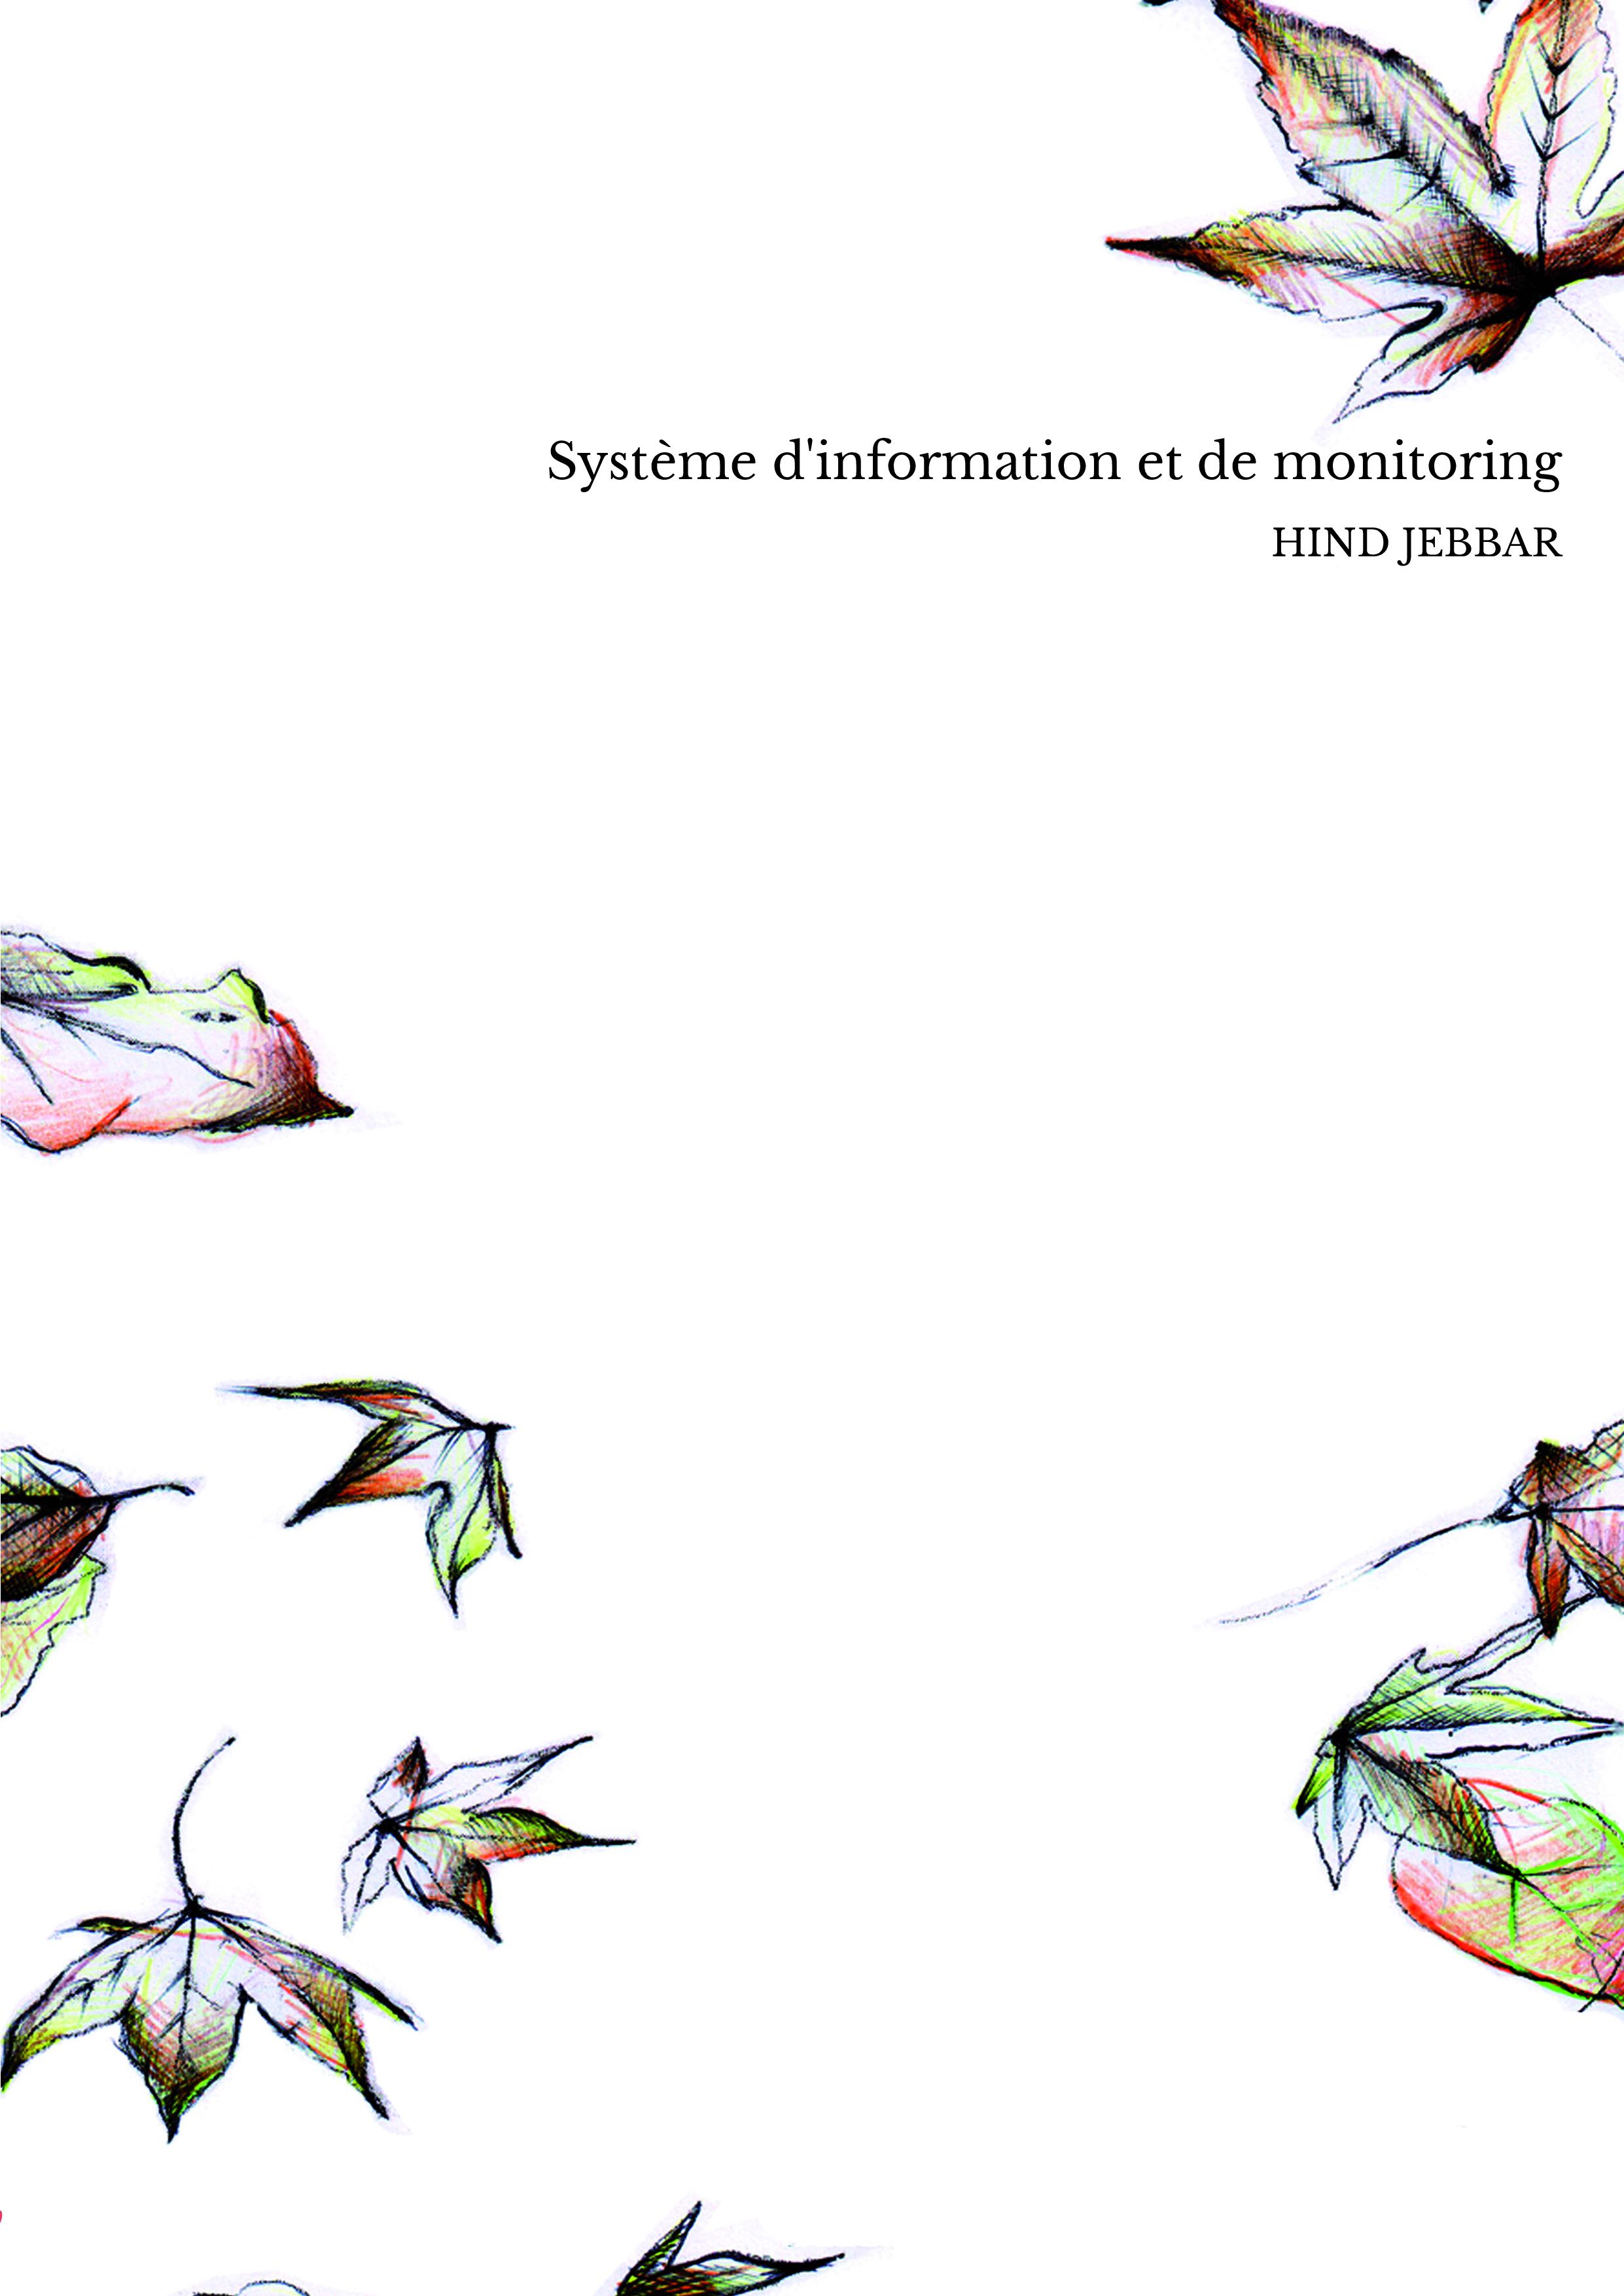 Système d'information et de monitoring